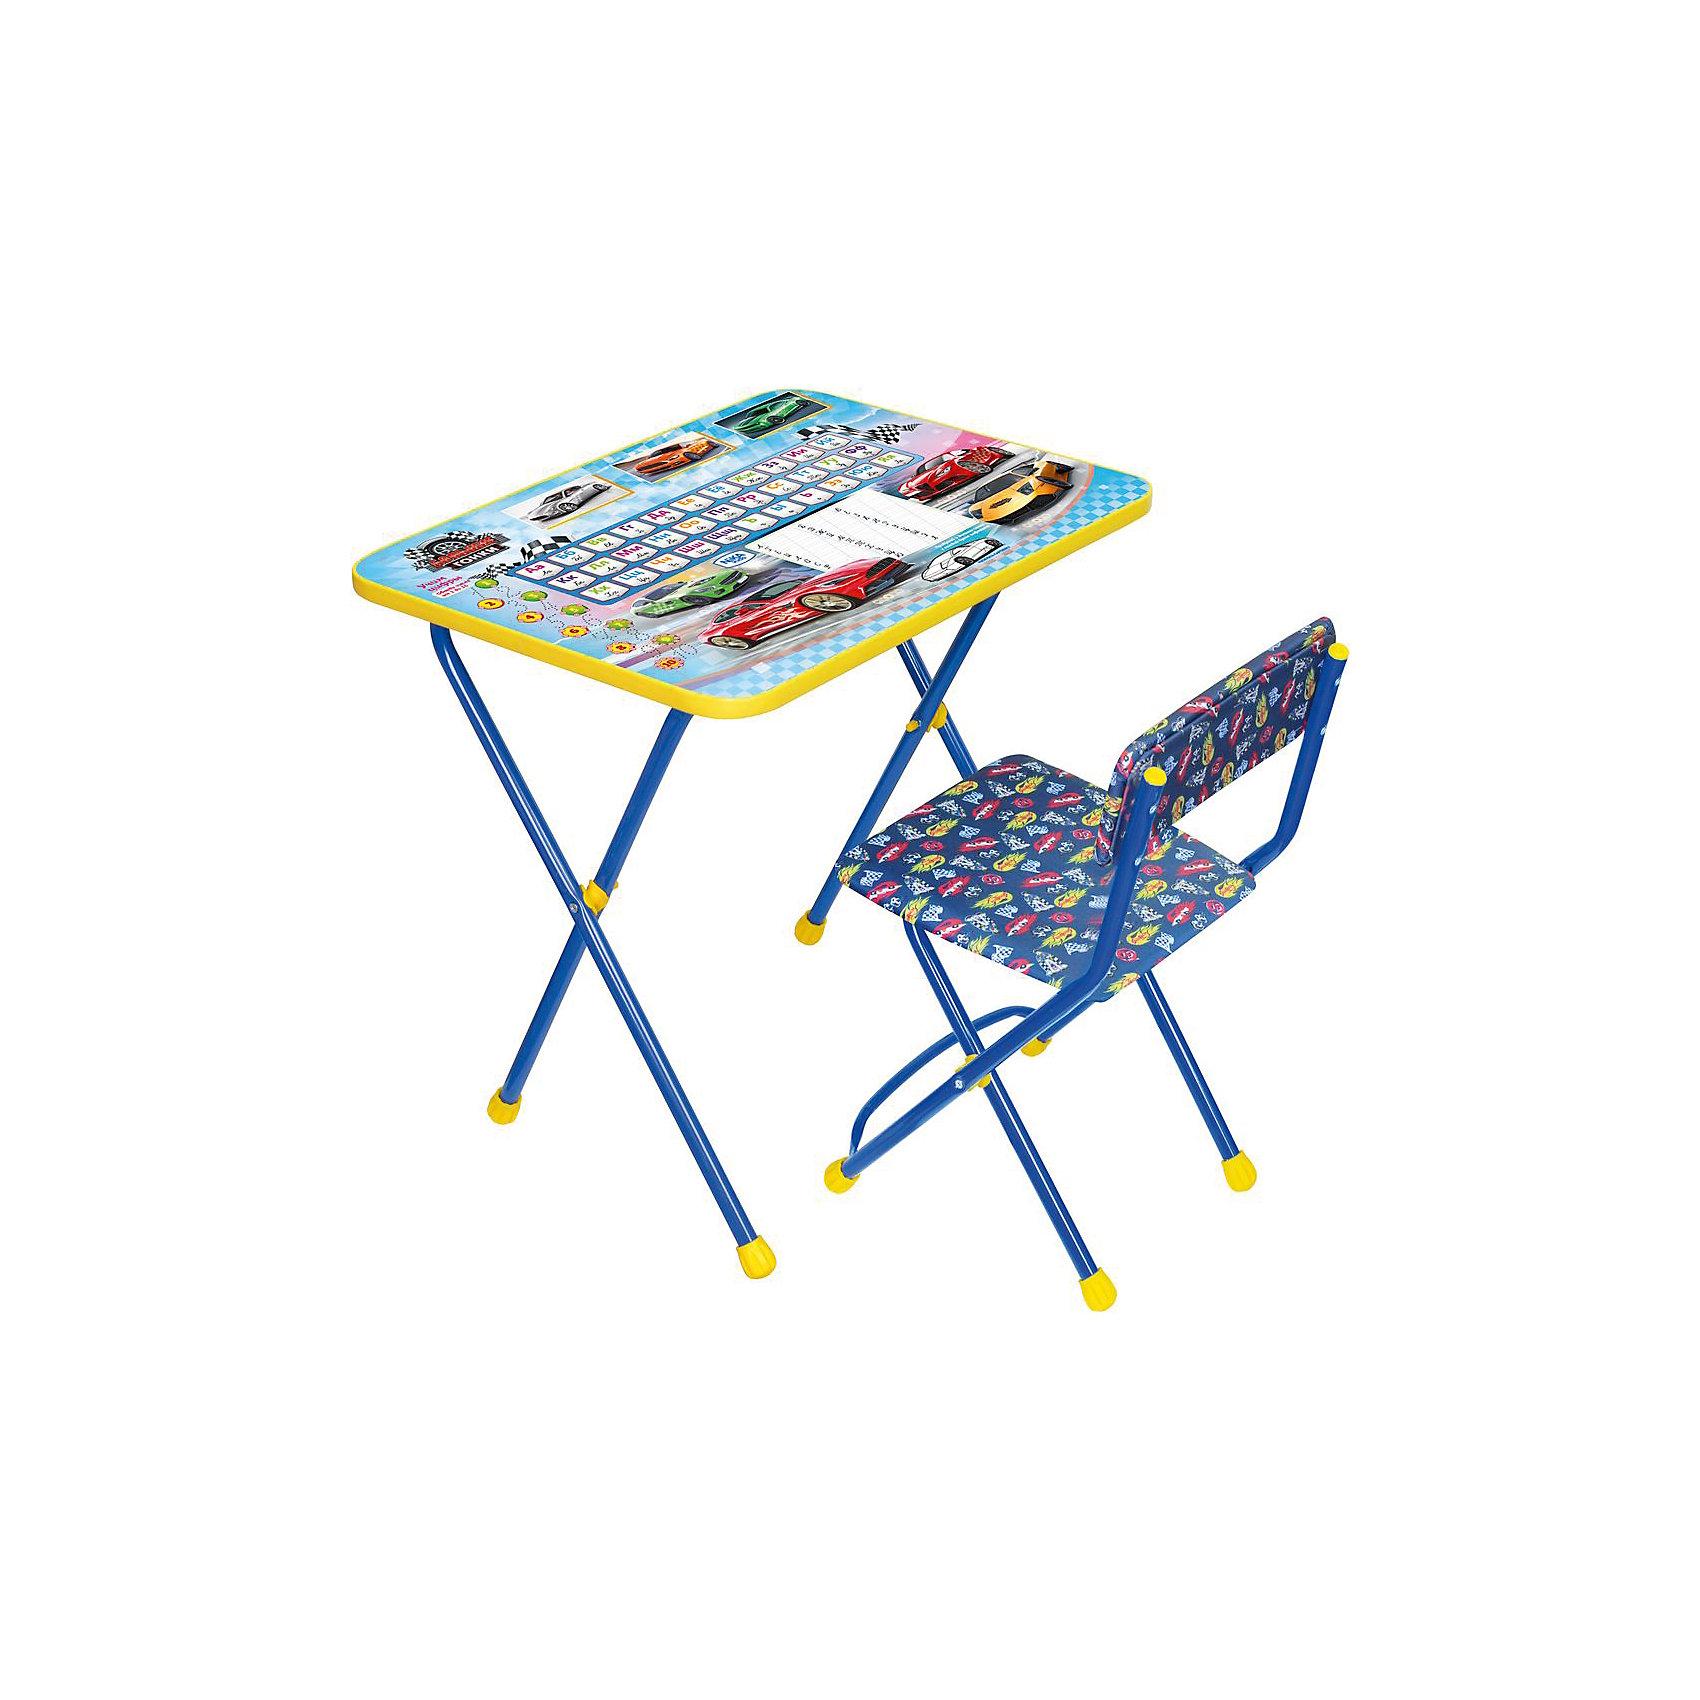 Набор мебели Познайка КП2/15 Большие гонки, НикаХарактеристики товара:<br><br>• материал: металл, пластик, текстиль<br>• размер столешницы: 60х45 см<br>• высота стола: 58 см<br>• сиденье: 31х27 см<br>• высота до сиденья: 32 см<br>• высота со спинкой 57 см<br>• подставка для ног<br>• стул с мягким сиденьем (флок)<br>• пенал<br>• складной<br>• на столешнице - полезные рисунки<br>• на ламинированной поверхности стола можно рисовать маркером на водной основе<br>• на ножках пластмассовые наконечники<br>• складной<br>• возраст: от 3 до 7 лет<br>• страна бренда: Российская Федерация<br>• страна производства: Российская Федерация<br><br>Детская мебель может быть удобной и эргономичной! Этот комплект разработан специально для детей от трех до семи лет. Он легко складывается и раскладывается, занимает немного места, легко моется. Каркас сделан из прочного, но легкого металла, а на ножках установлены пластмассовые наконечники для защиты напольного покрытия. Столешница украшена полезными познавательными рисунками. Отличное решение как для кормления малыша, так и для игр, творчества и обучения!<br>Правильно подобранная мебель помогает ребенку расти здоровым, формироваться правильной осанке. Изделие производится из качественных сертифицированных материалов, безопасных даже для самых маленьких.<br><br>Набор мебели Познайка КП2/15 Большие гонки, от бренда Ника можно купить в нашем интернет-магазине.<br><br>Ширина мм: 750<br>Глубина мм: 155<br>Высота мм: 610<br>Вес г: 8080<br>Возраст от месяцев: 36<br>Возраст до месяцев: 84<br>Пол: Мужской<br>Возраст: Детский<br>SKU: 5223619